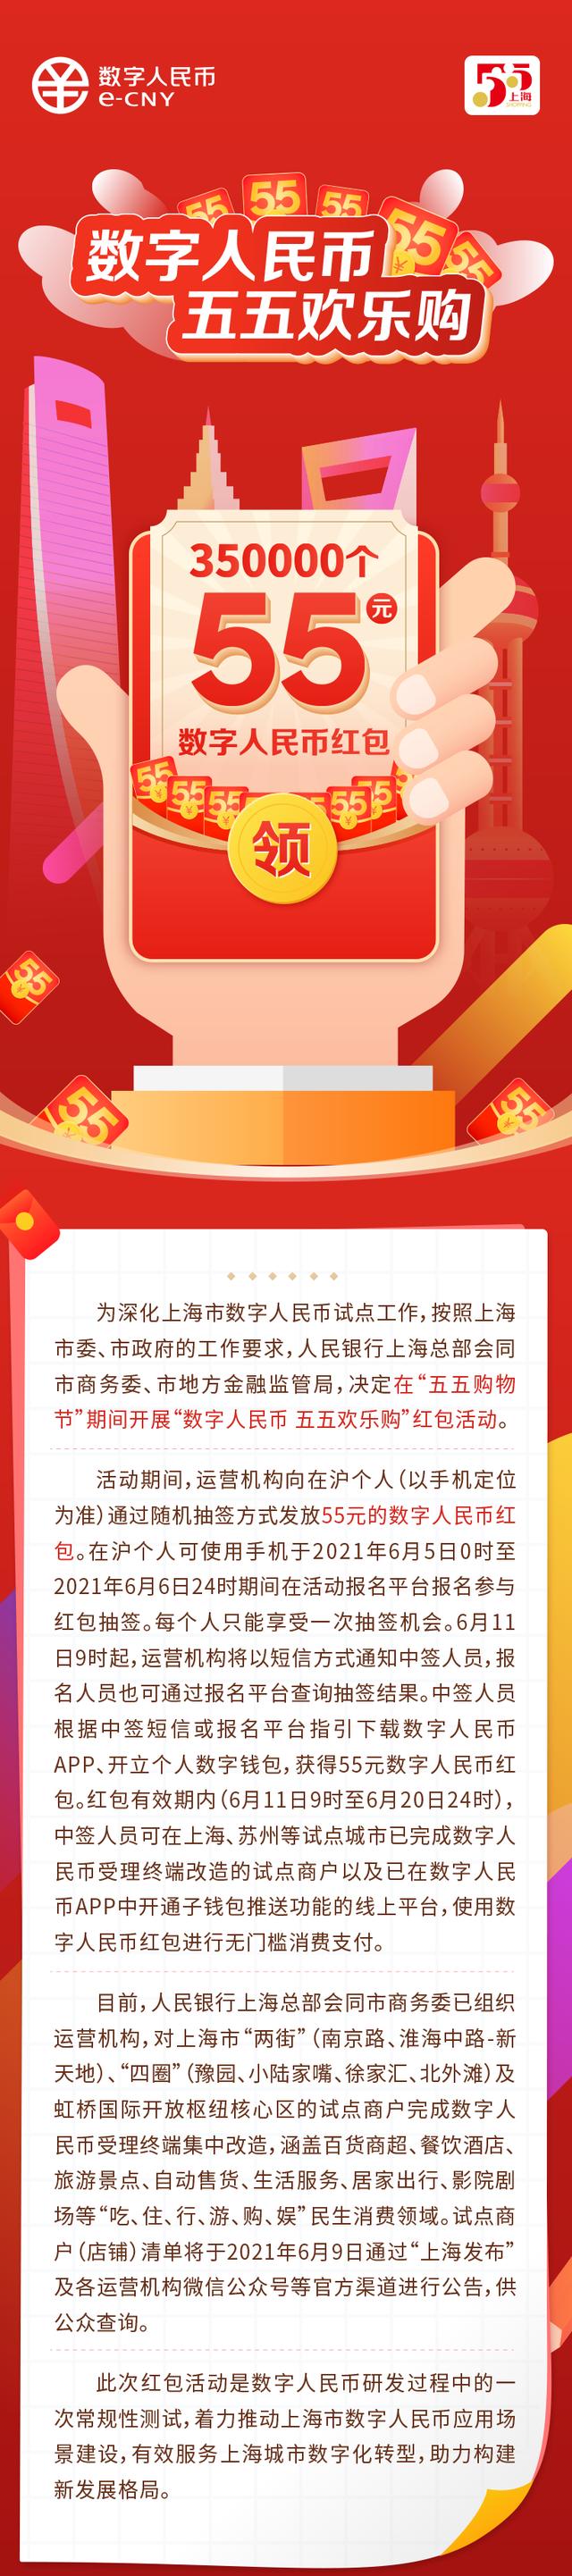 上海拟发行35万个数字人民币红包,每个55元